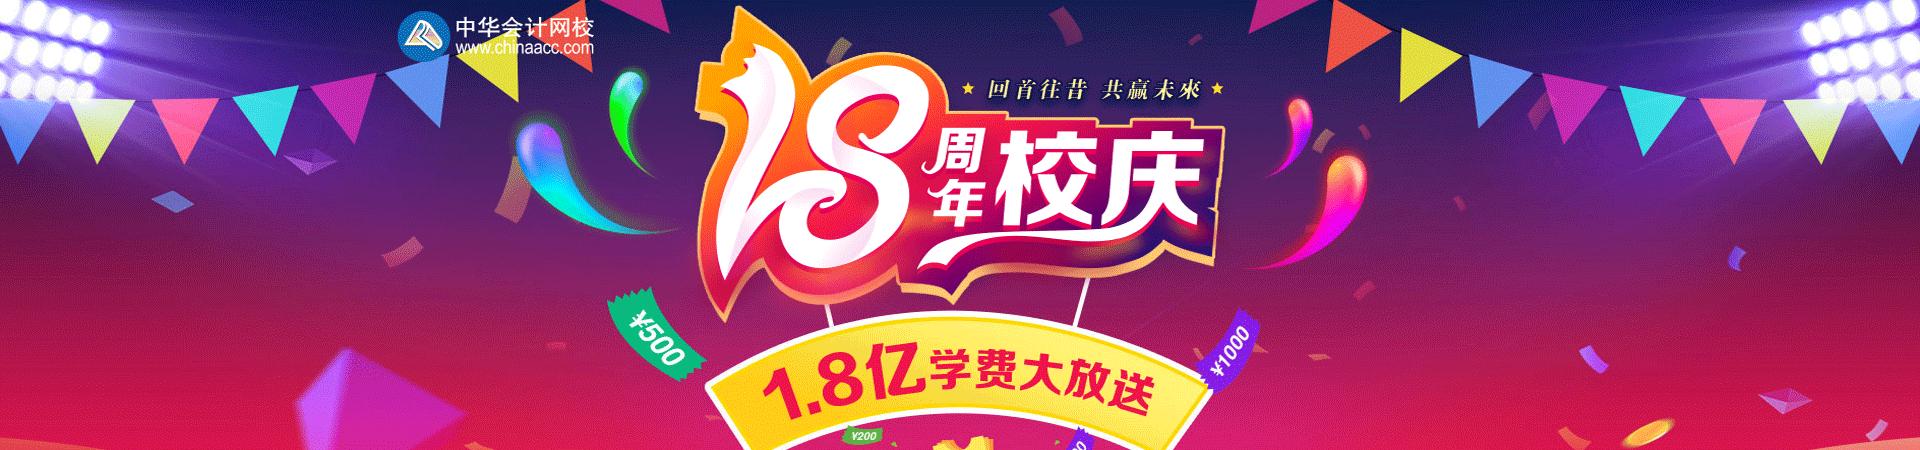 中华会计网活动